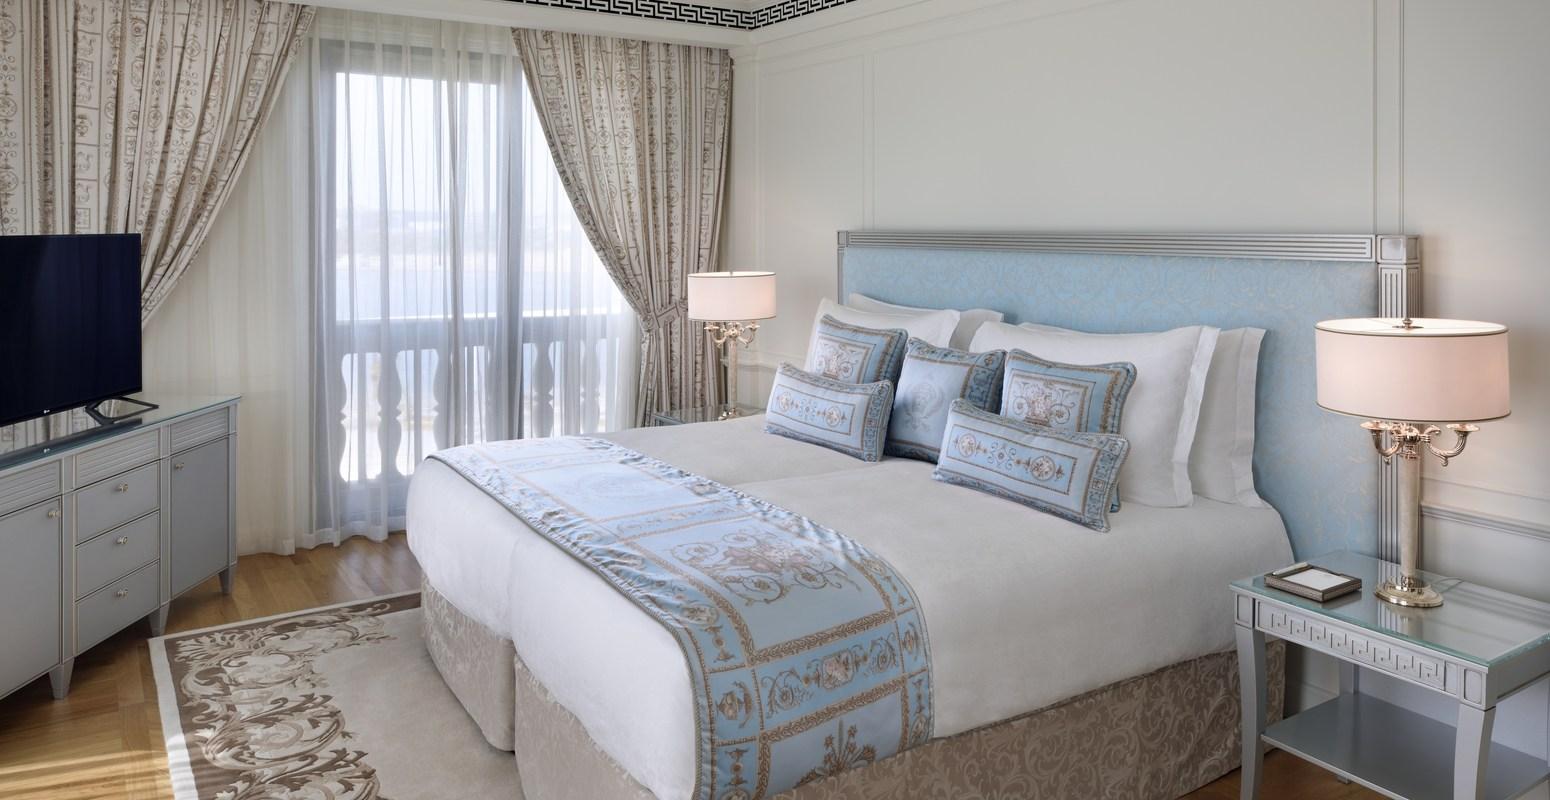 residences-__thumbs_1550_800_crop-4_bedroom_residence